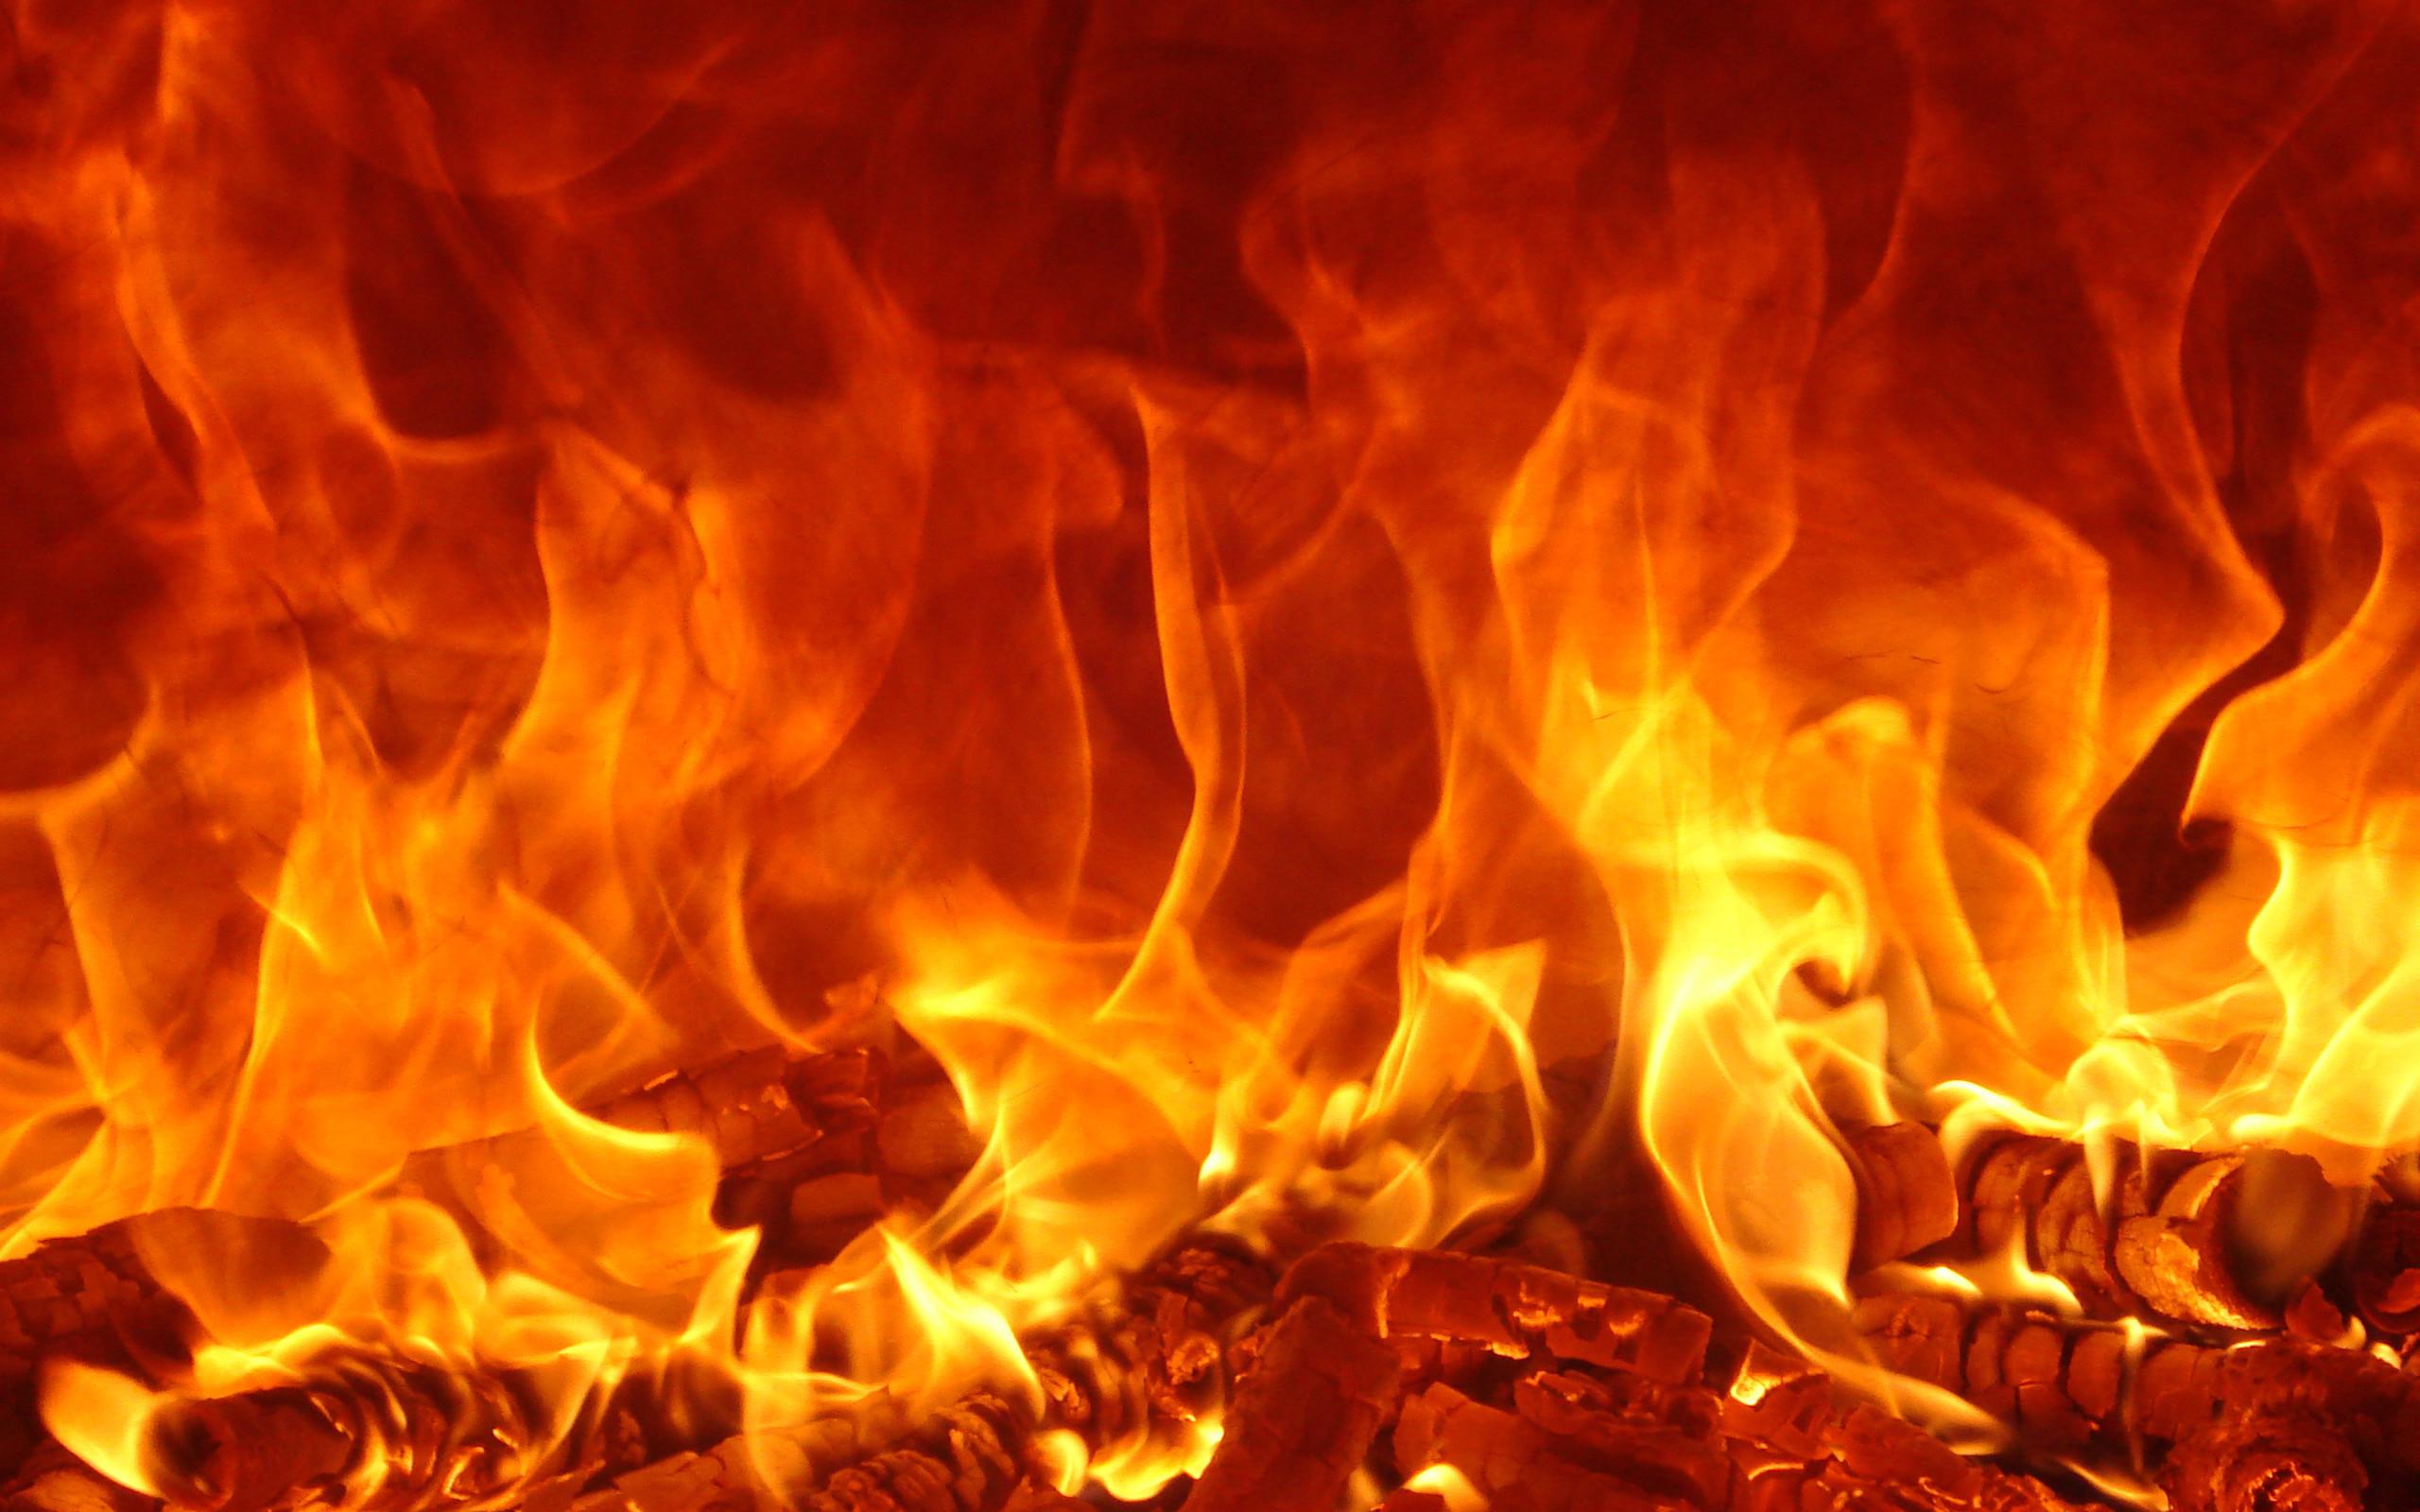 Resultado de imagem para fire wallpaper